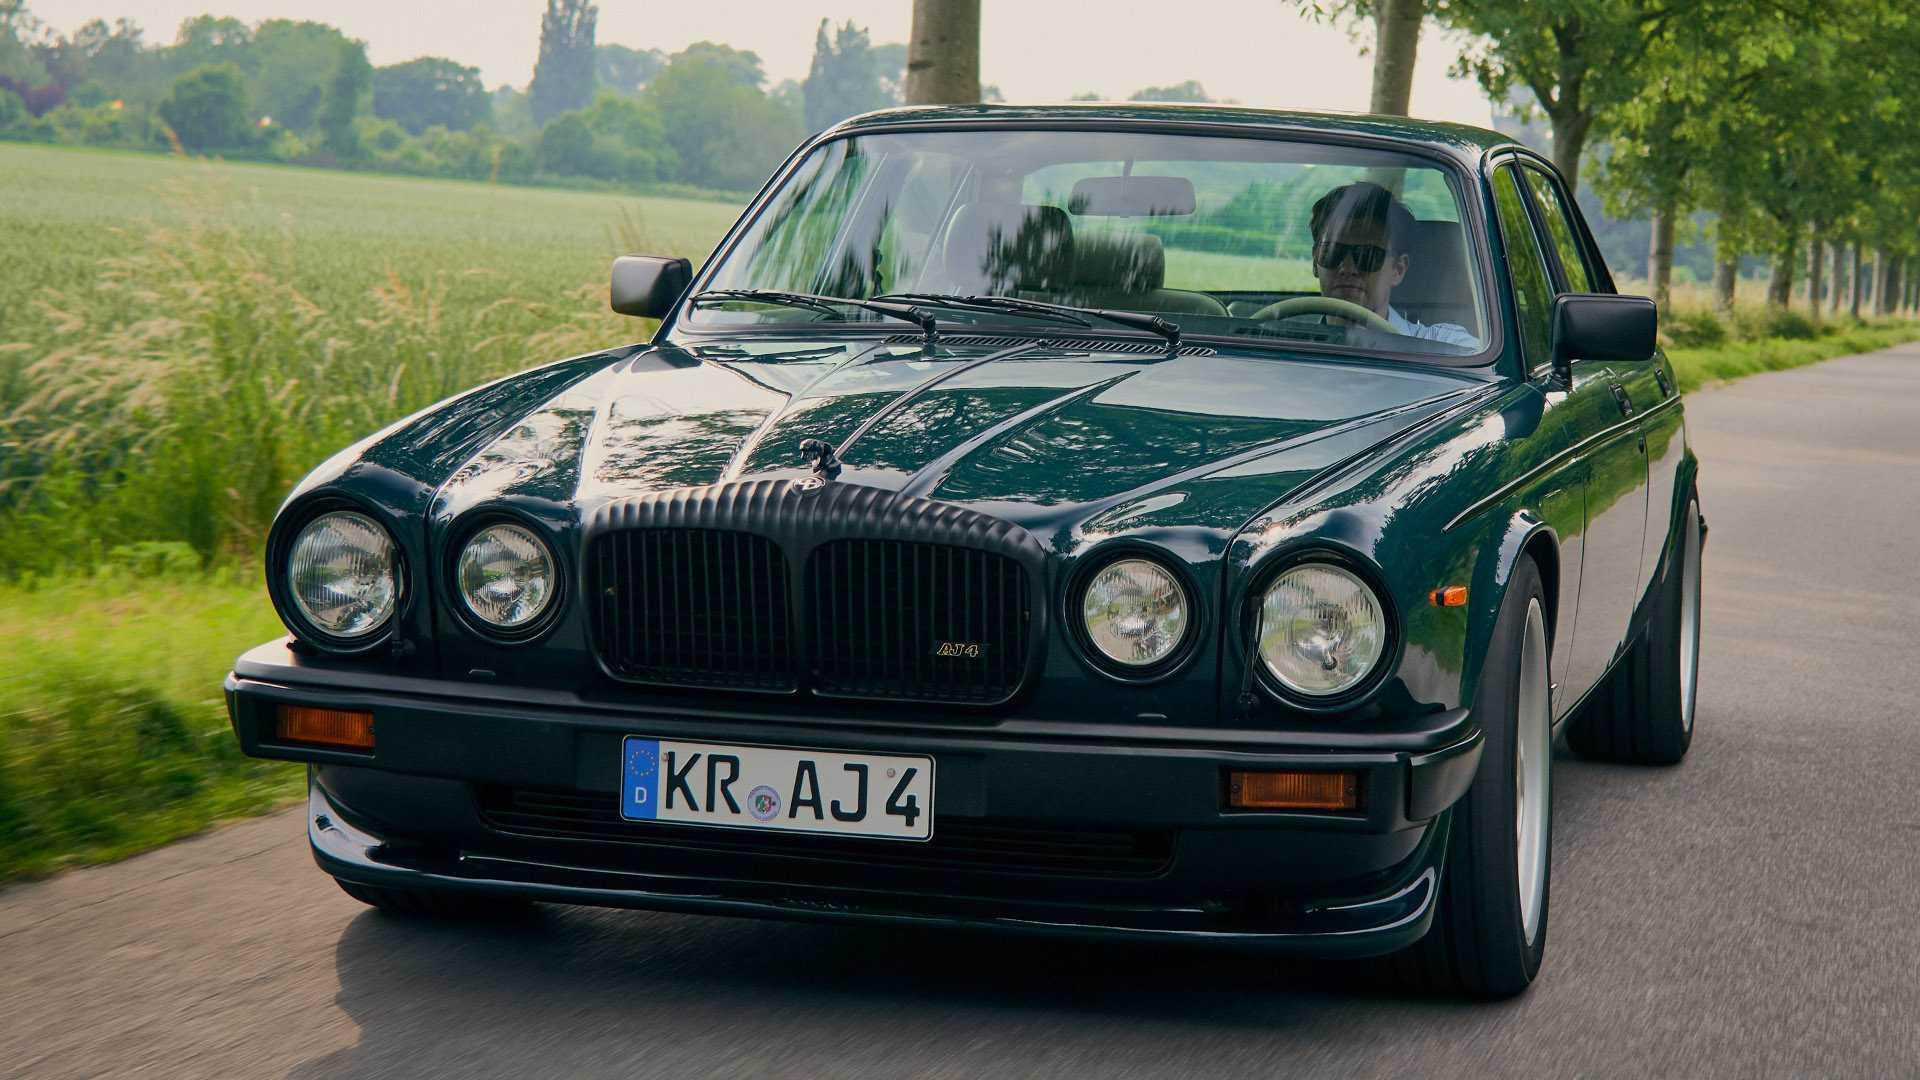 Arden_AJ_4_Jaguar_XJ12_0000